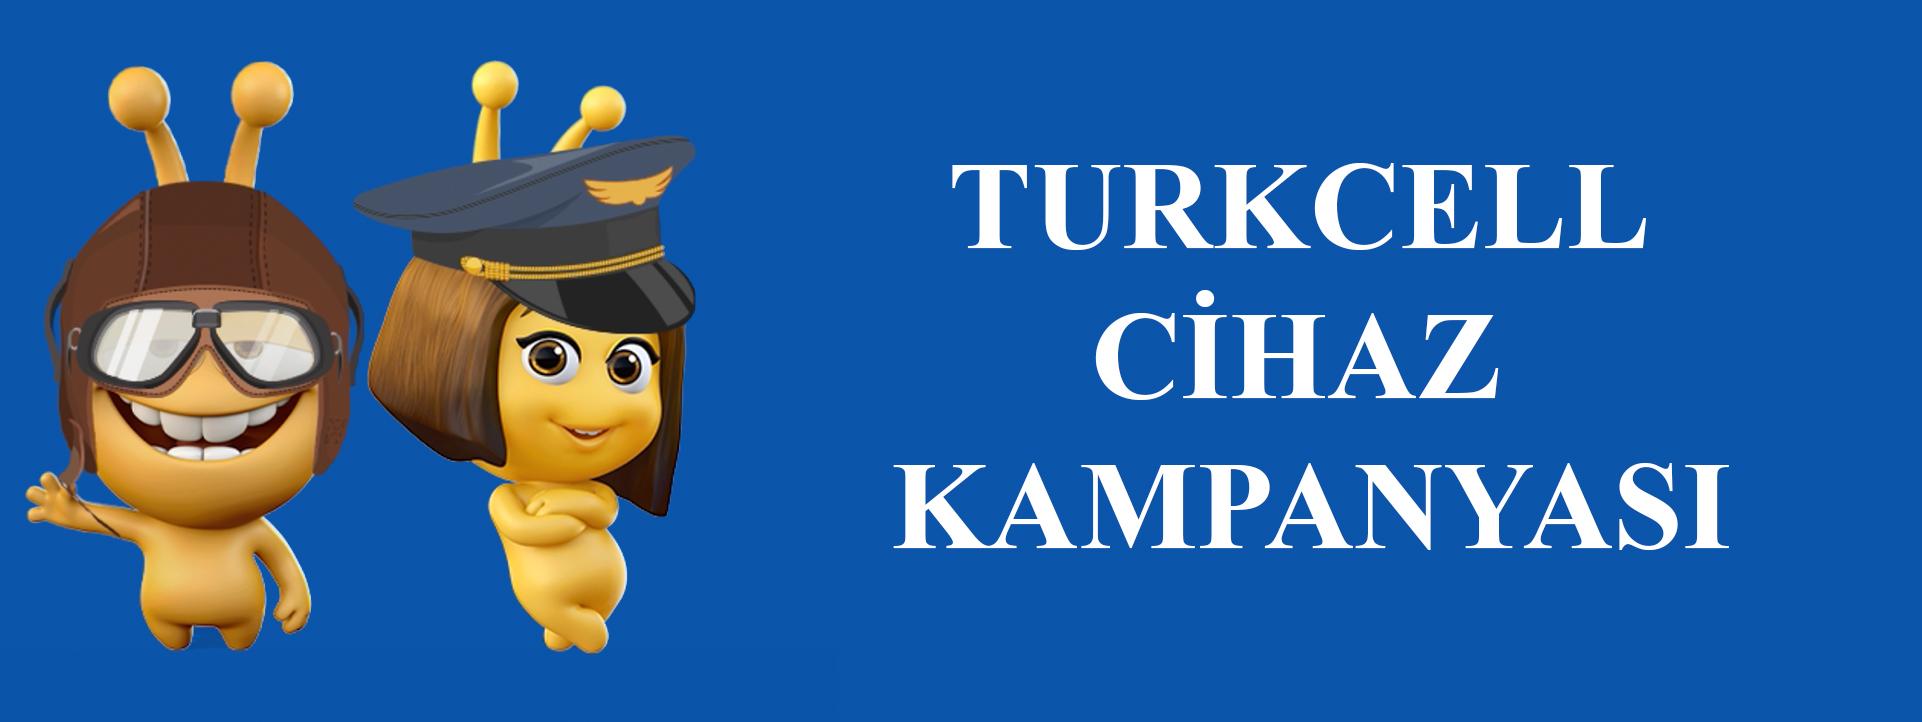 turkcell-cihaz-kampanyasi